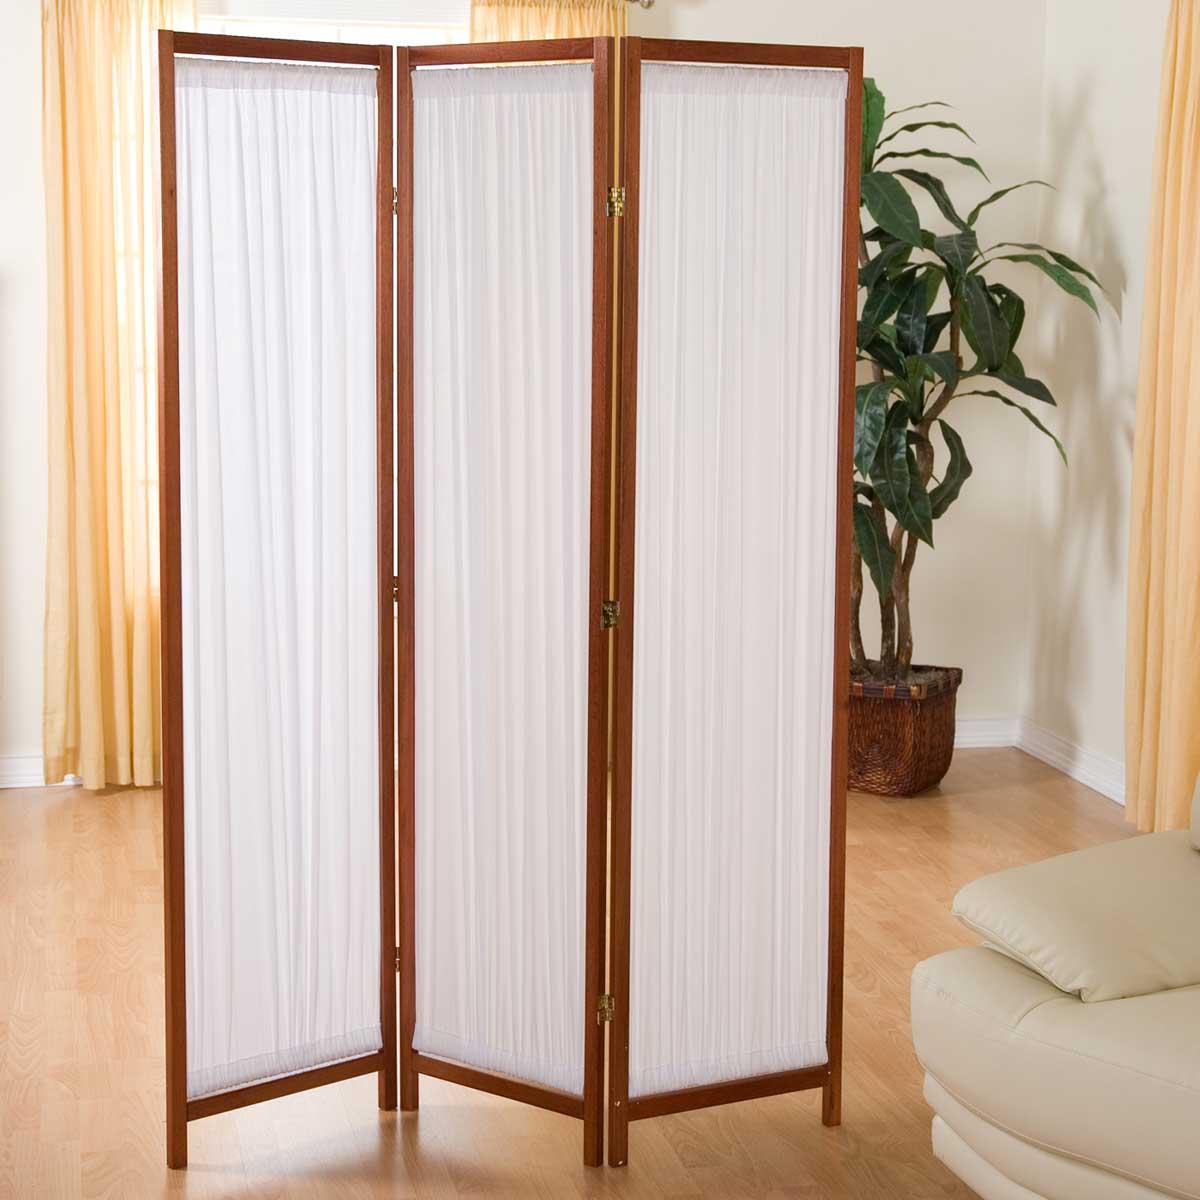 Decorative wooden screen doors